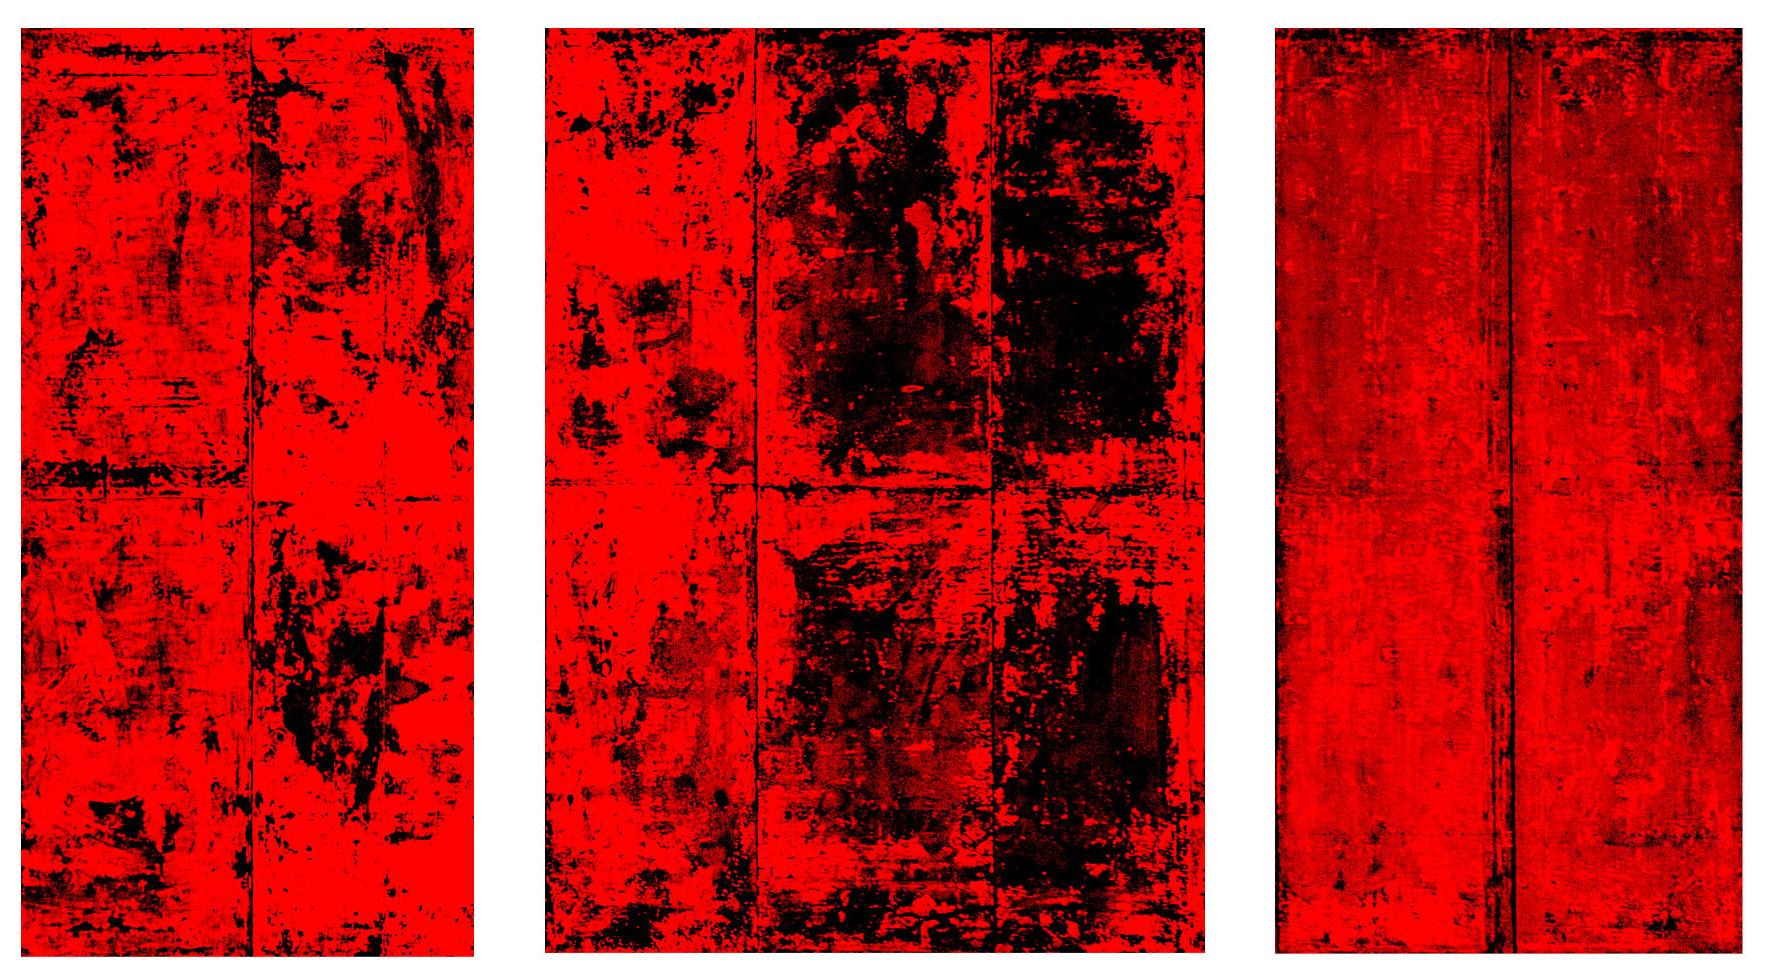 JohnWoodhouseArt_Abstract_Pg03&18.jpg